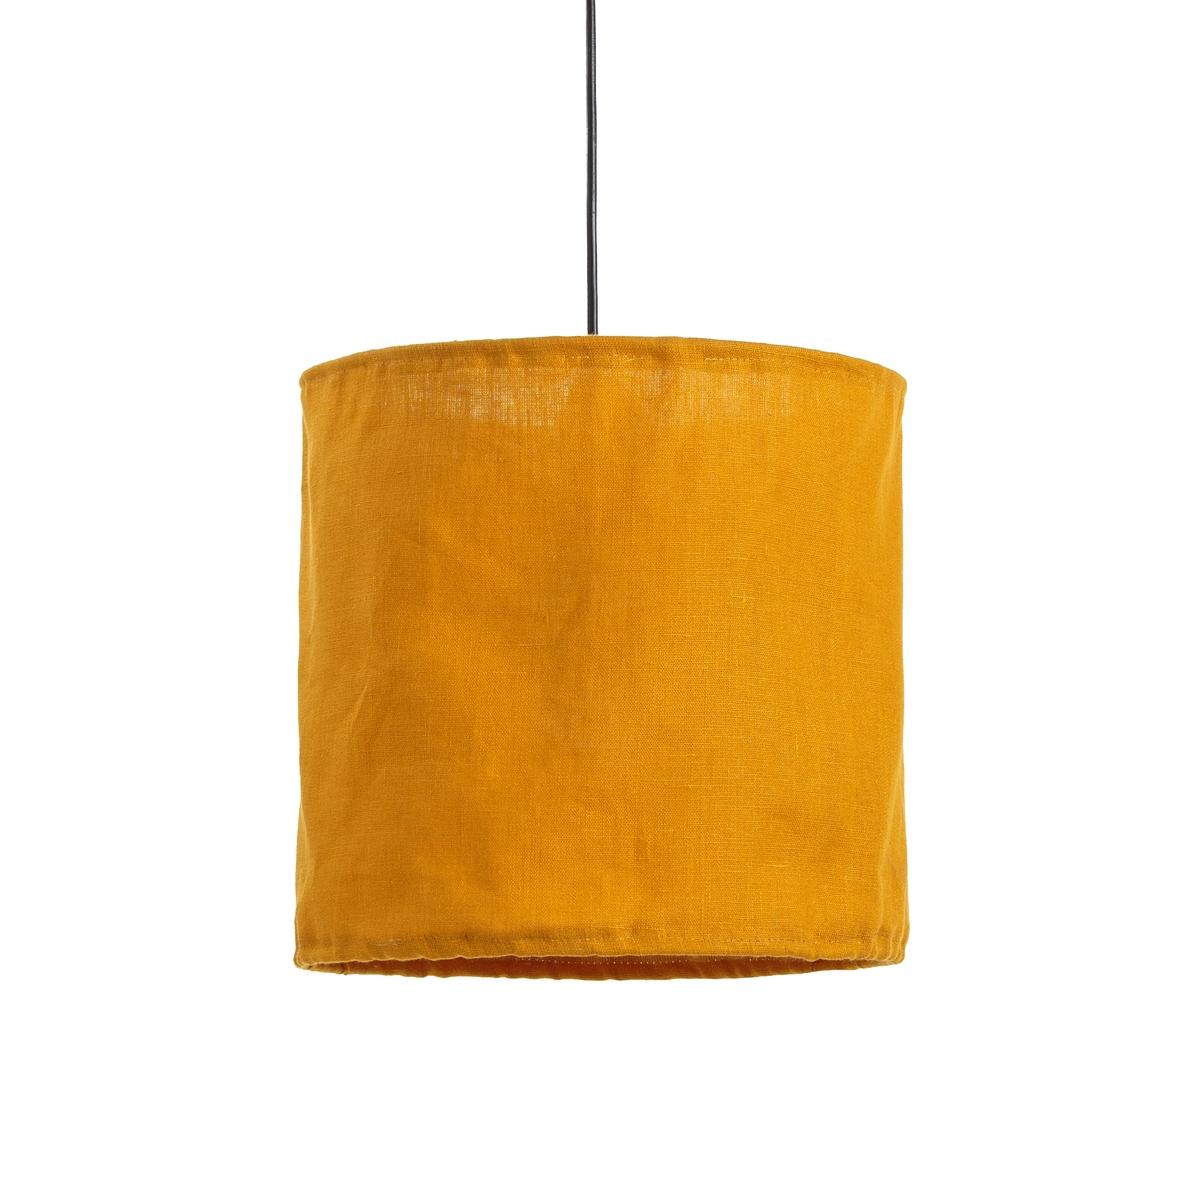 Светильник La Redoute Из жатого льна THADE единый размер каштановый светильник из жатого льна thade